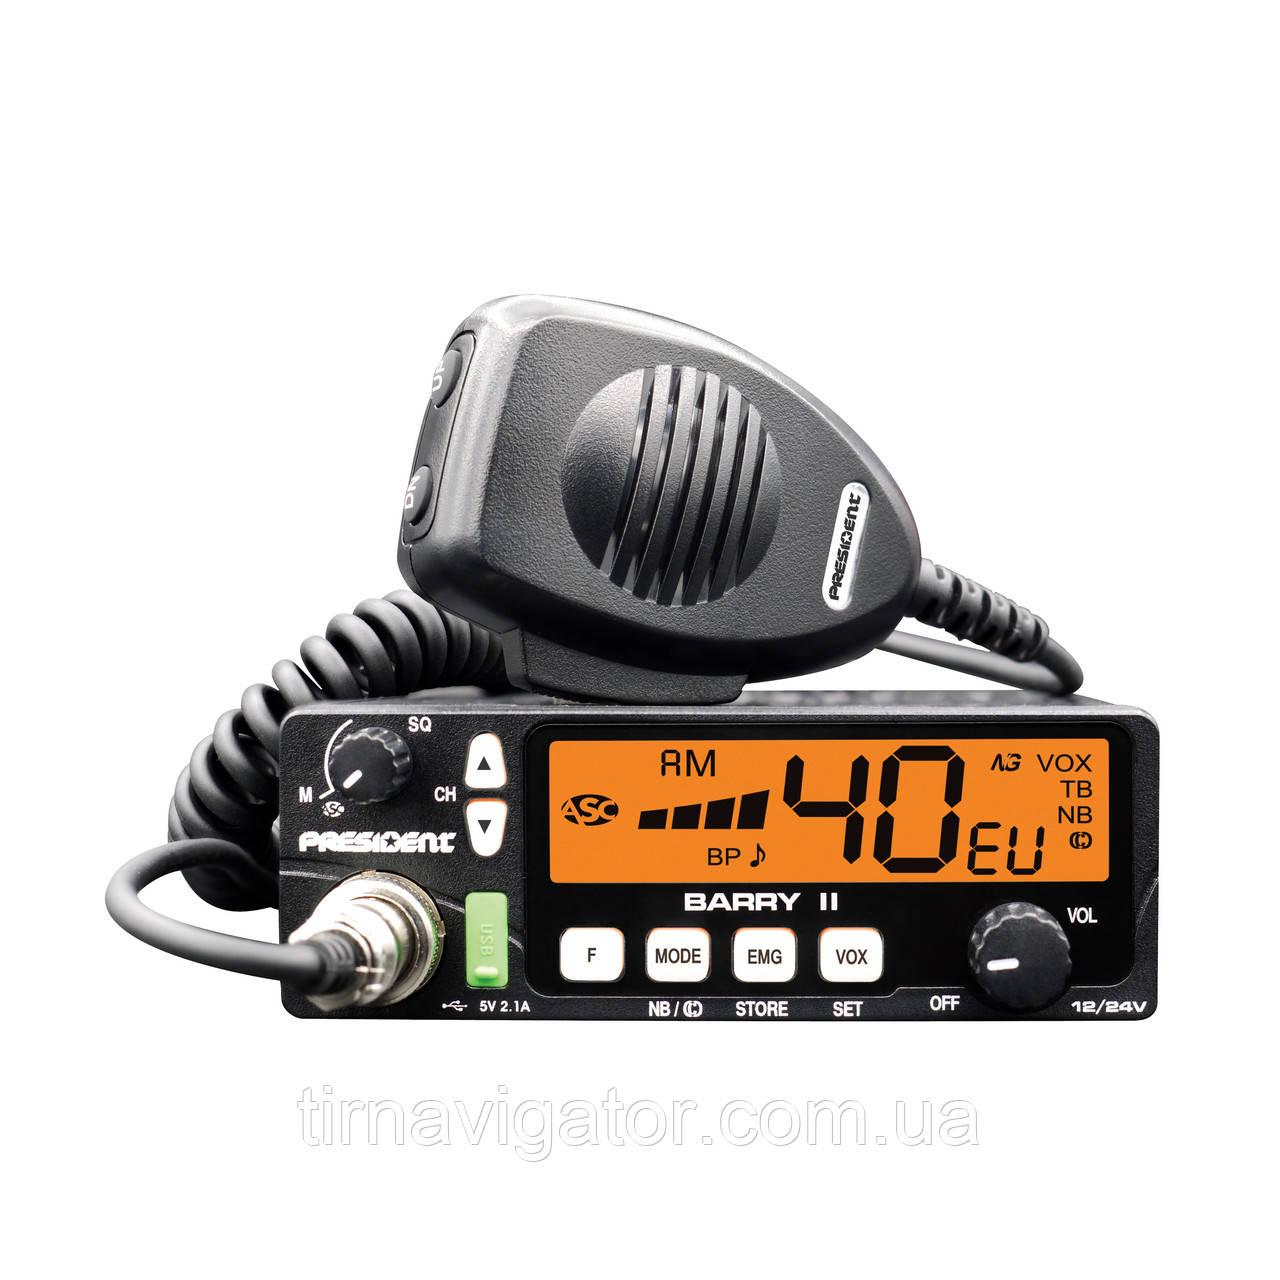 Радиостанция PRESIDENT BARRY II VOX USB ASC AM/FM 0/5 12/24В